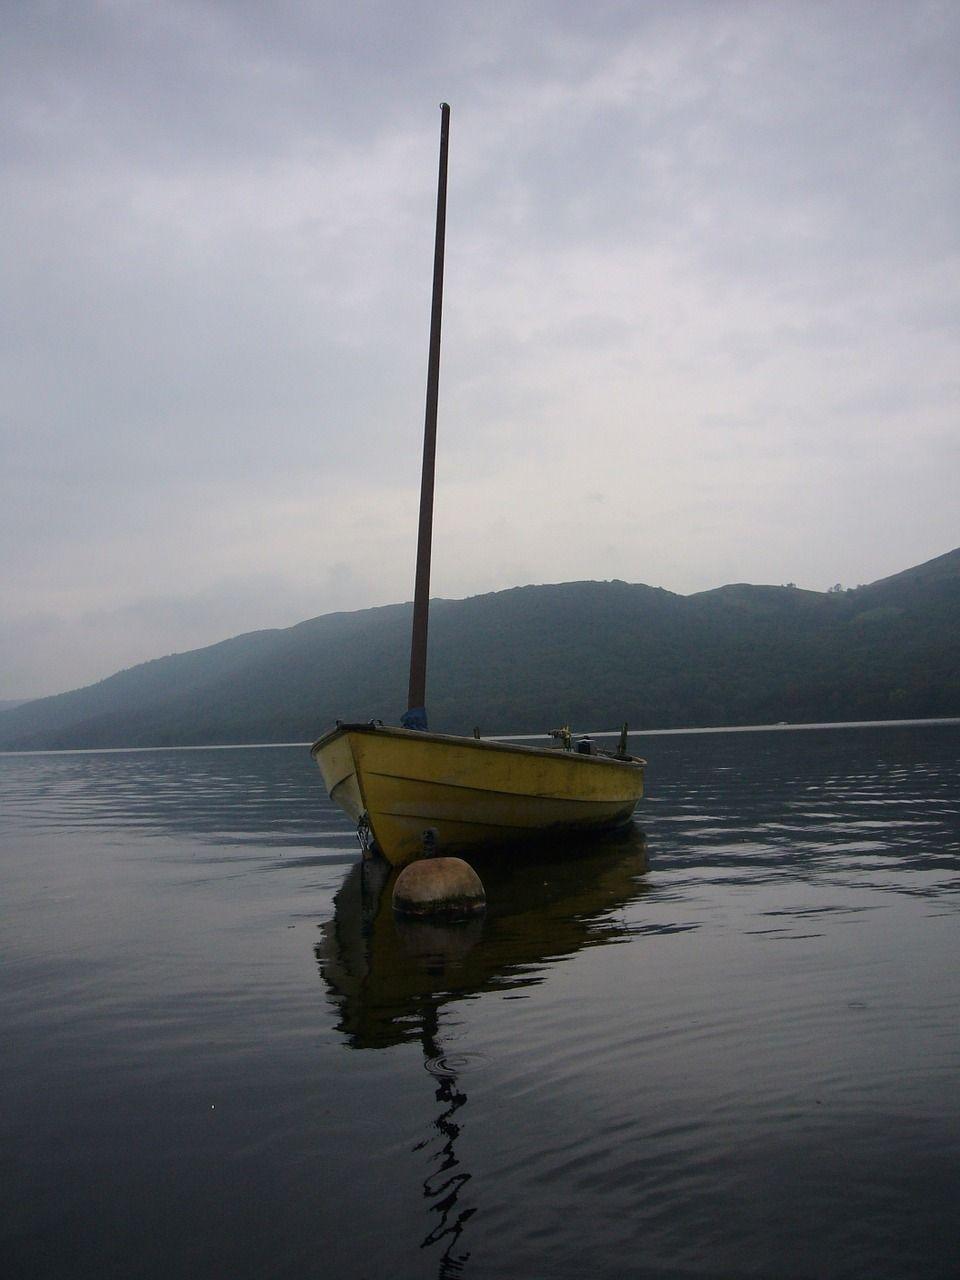 Boat boat lake travel vacation fishing boat boat